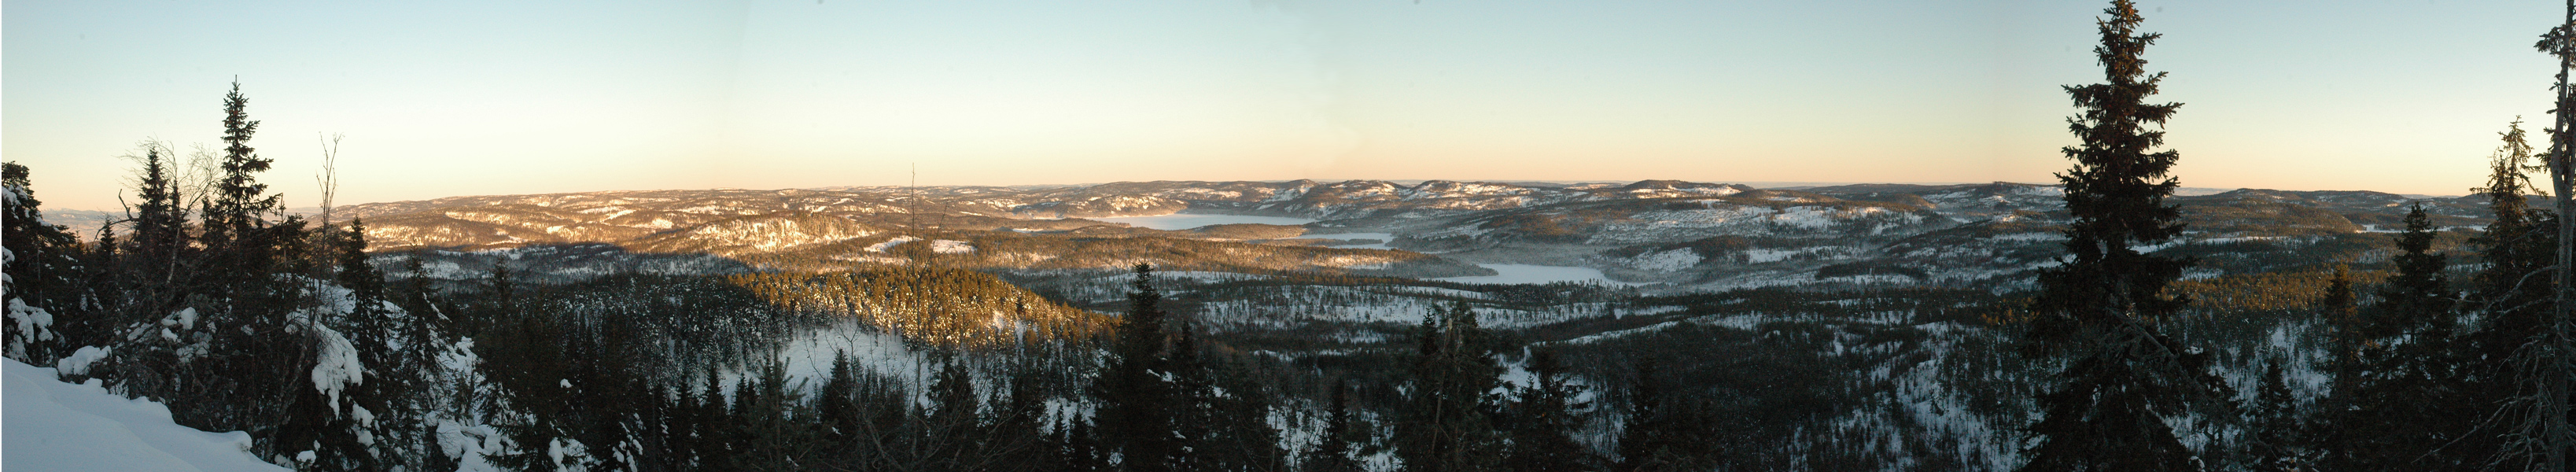 Orkla skal selge sin Finnemarkaeiendom.  Her ser du viktige deler av den i sentrale Finnemarka.